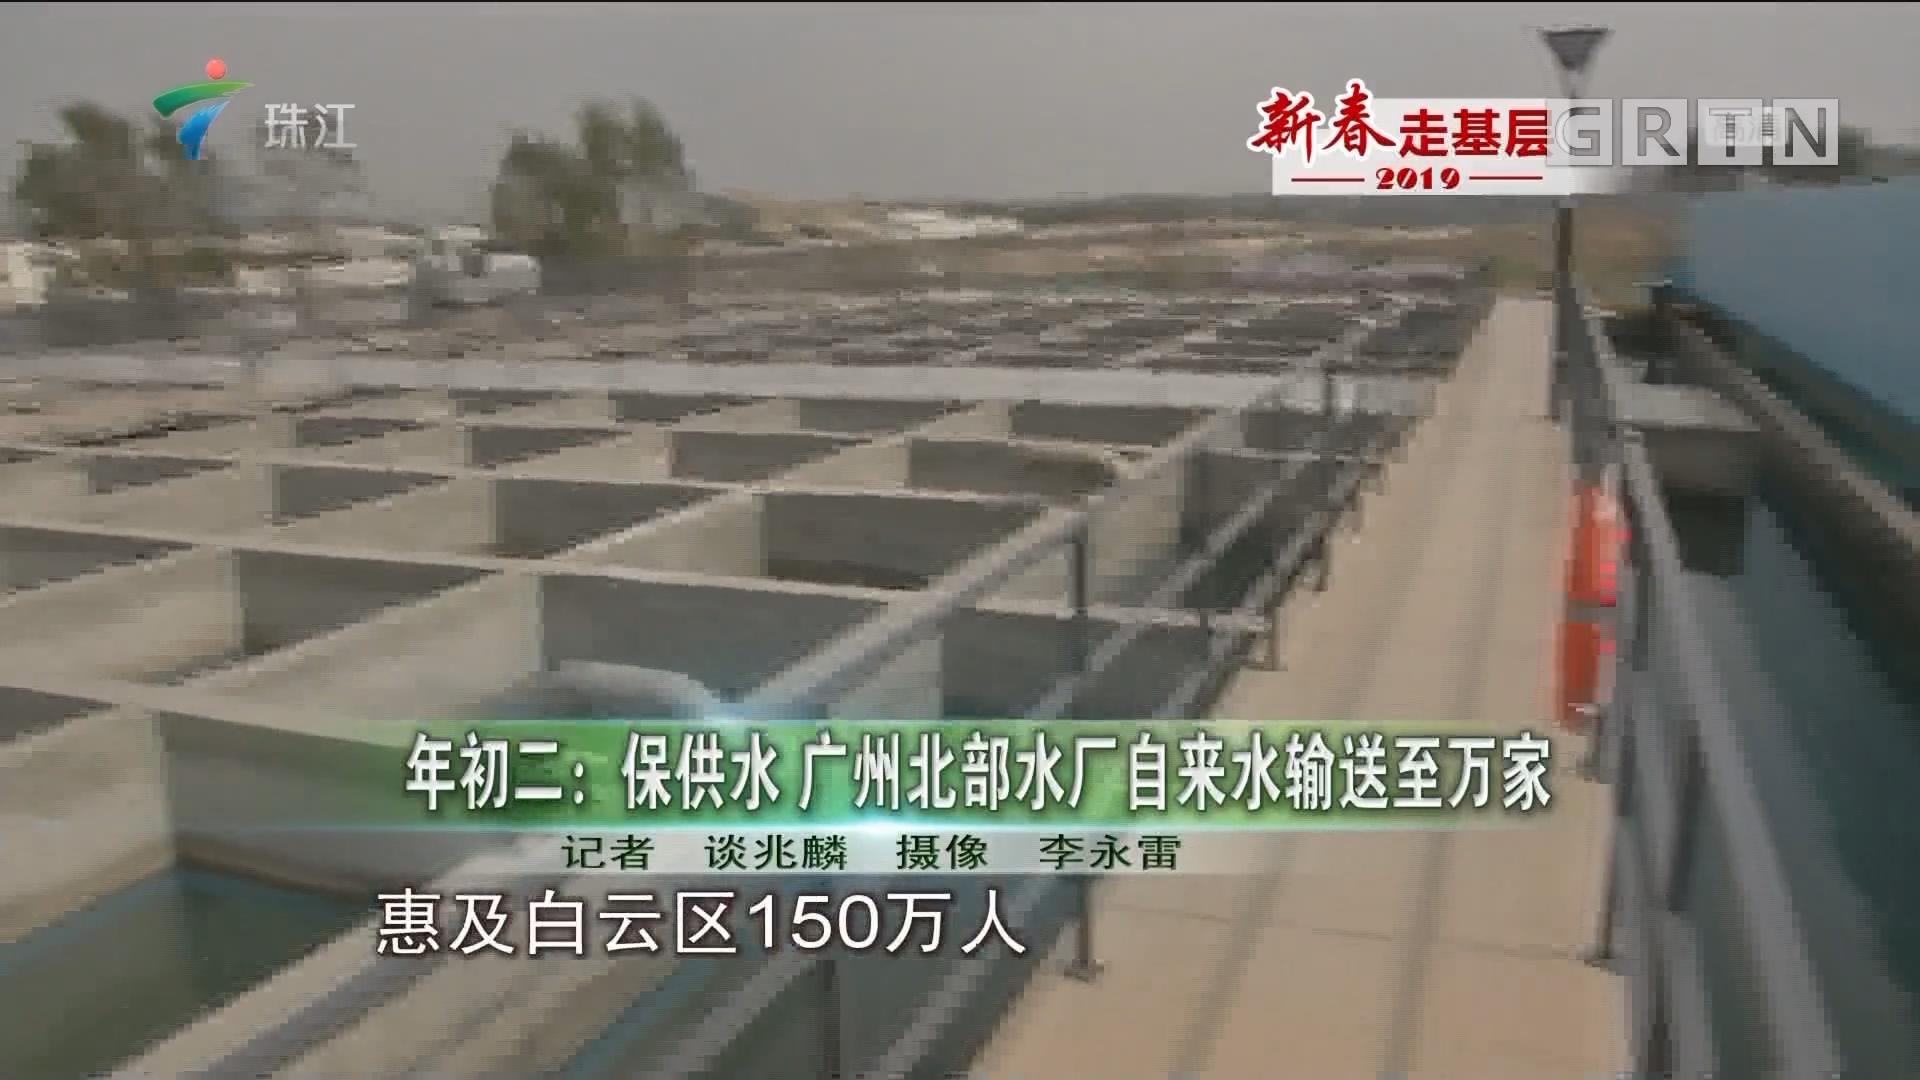 年初二:保供水 广州北部水厂自来水输送至万家